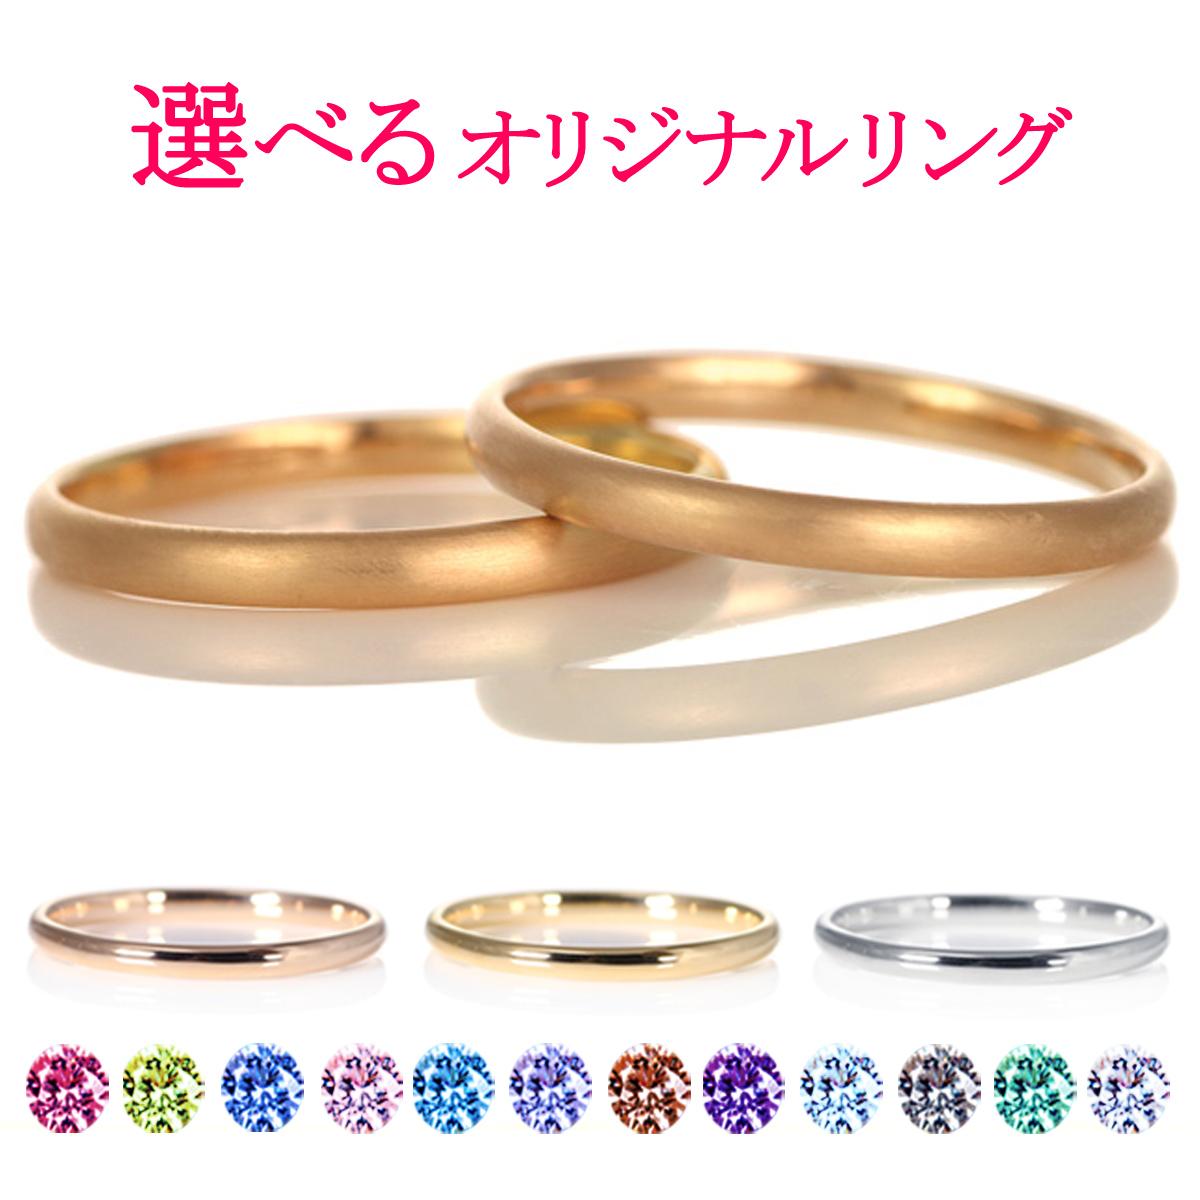 結婚指輪 マリッジリング K18ピンクゴールド 18金 つや消し マット仕上げ 甲丸 2本セット 末広 スーパーSALE【今だけ代引手数料無料】